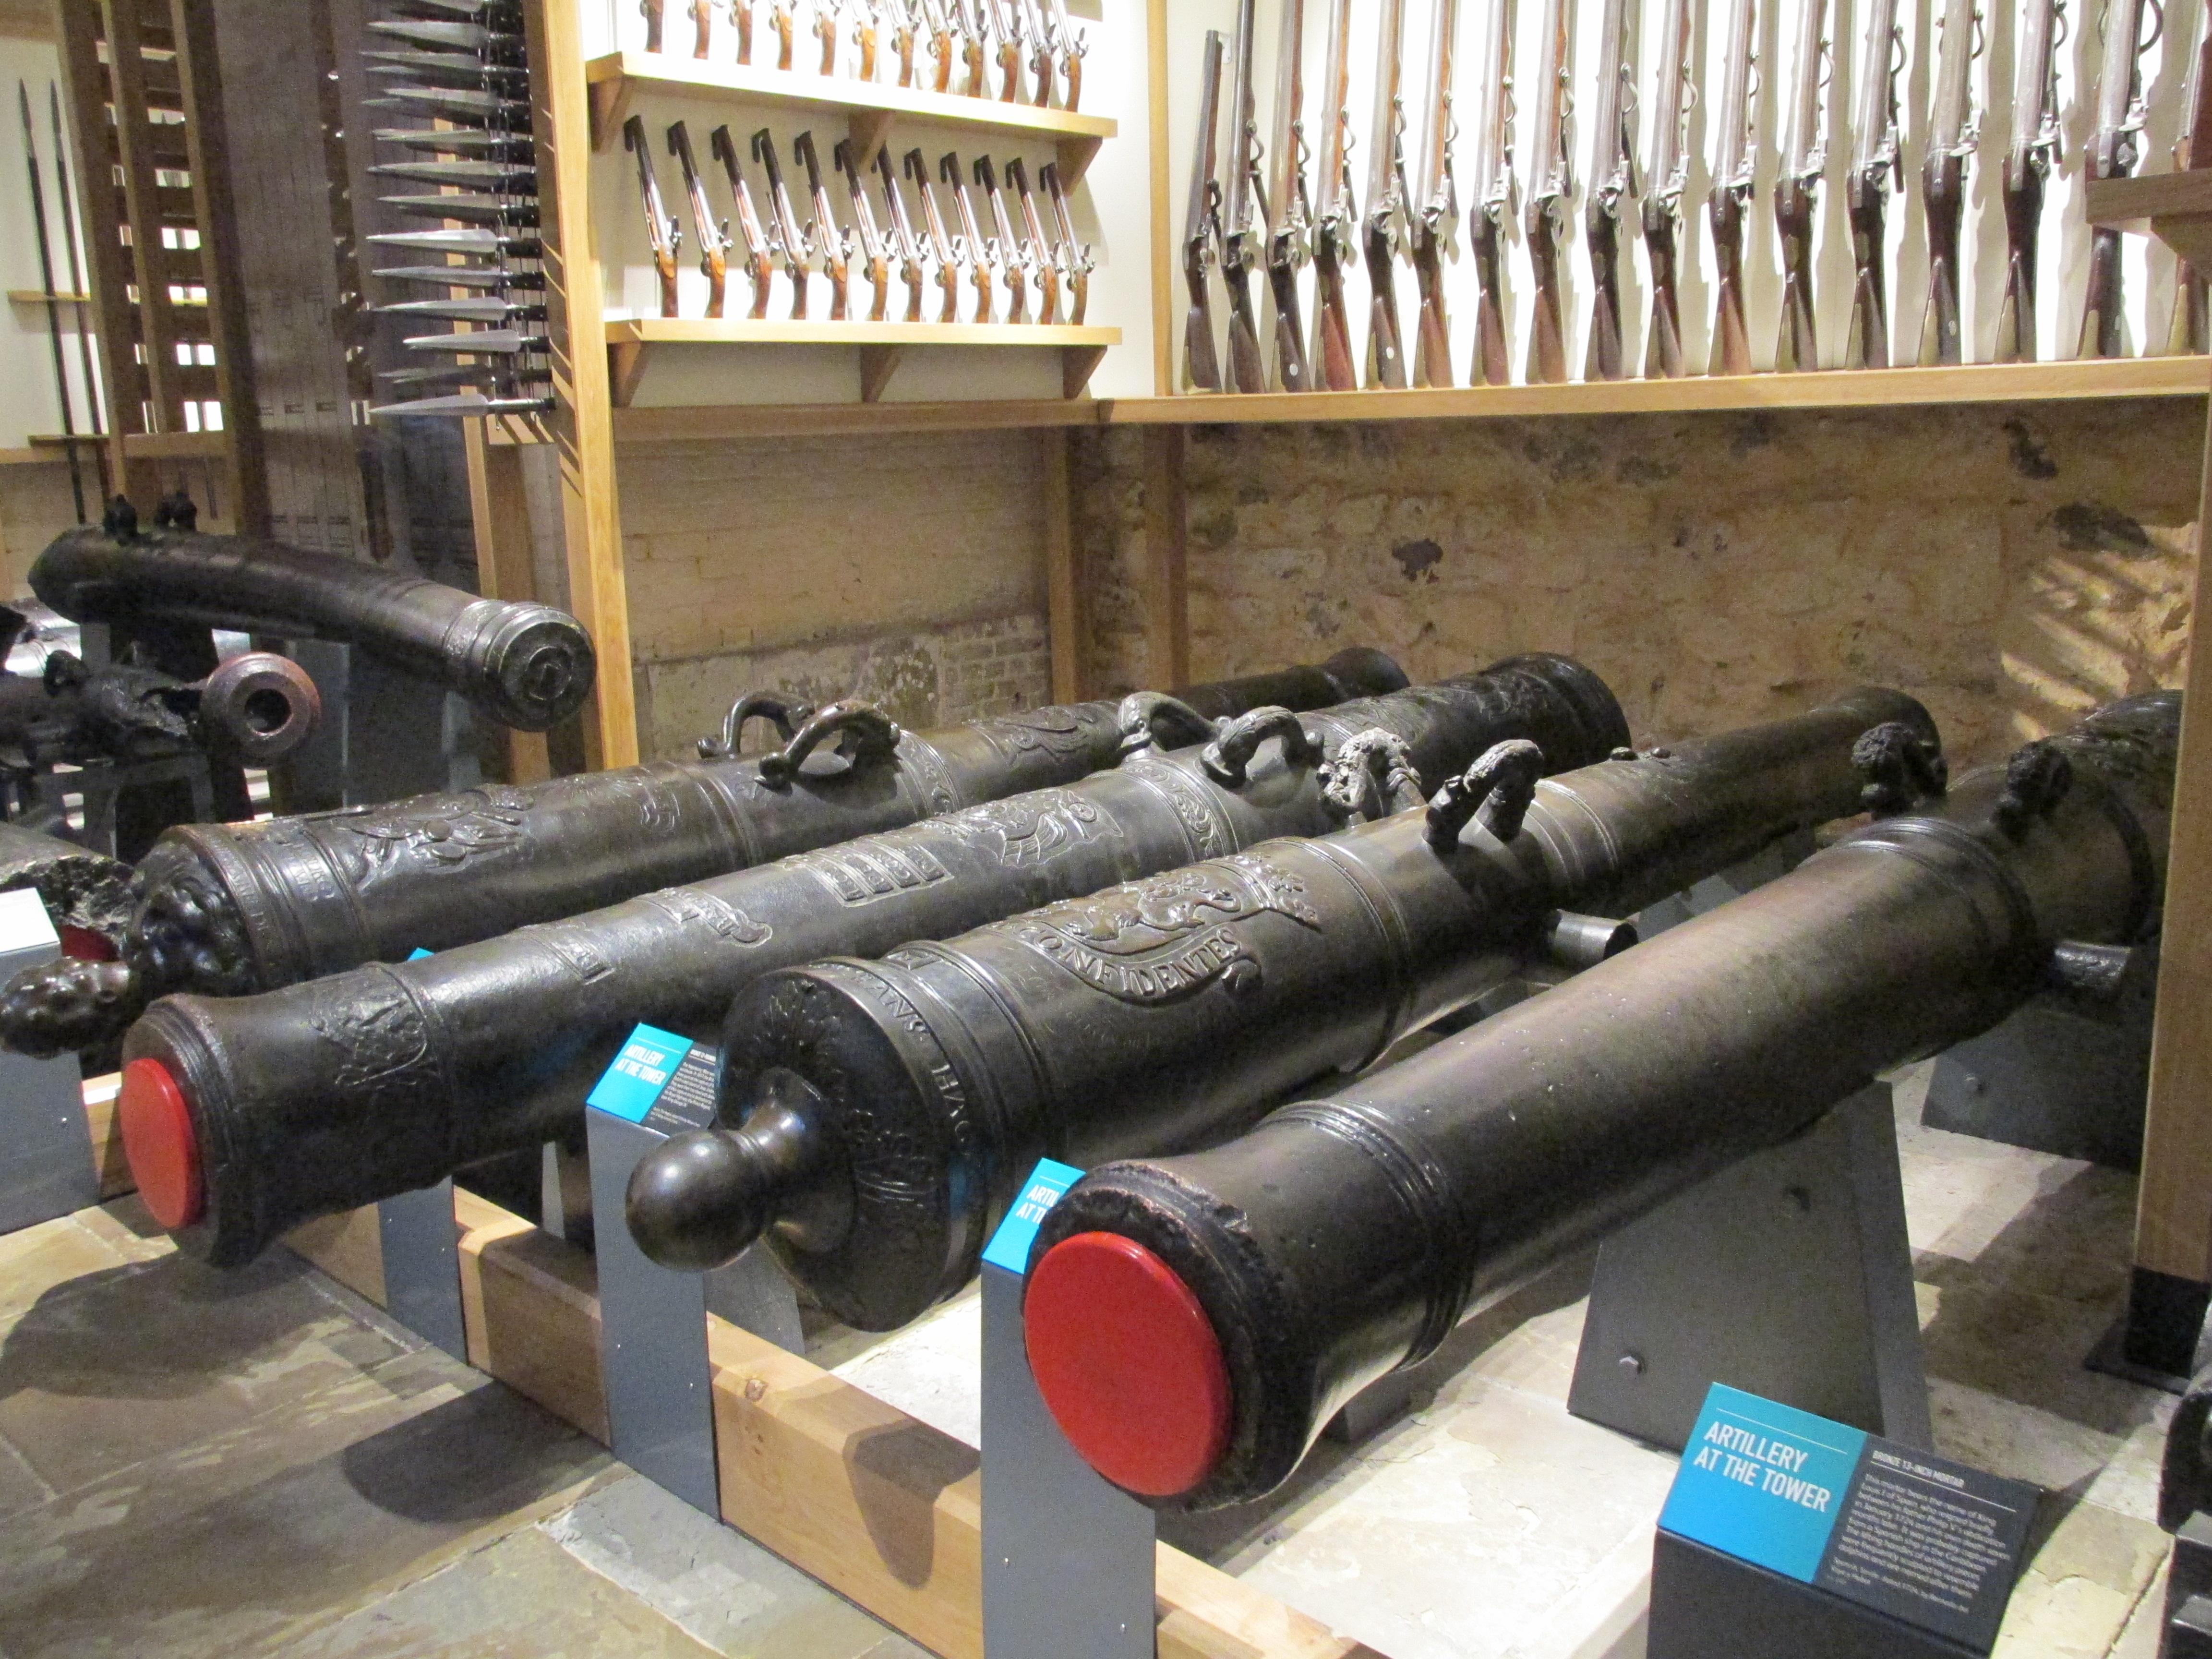 IMG 1800 - Visitando la Torre de Londres